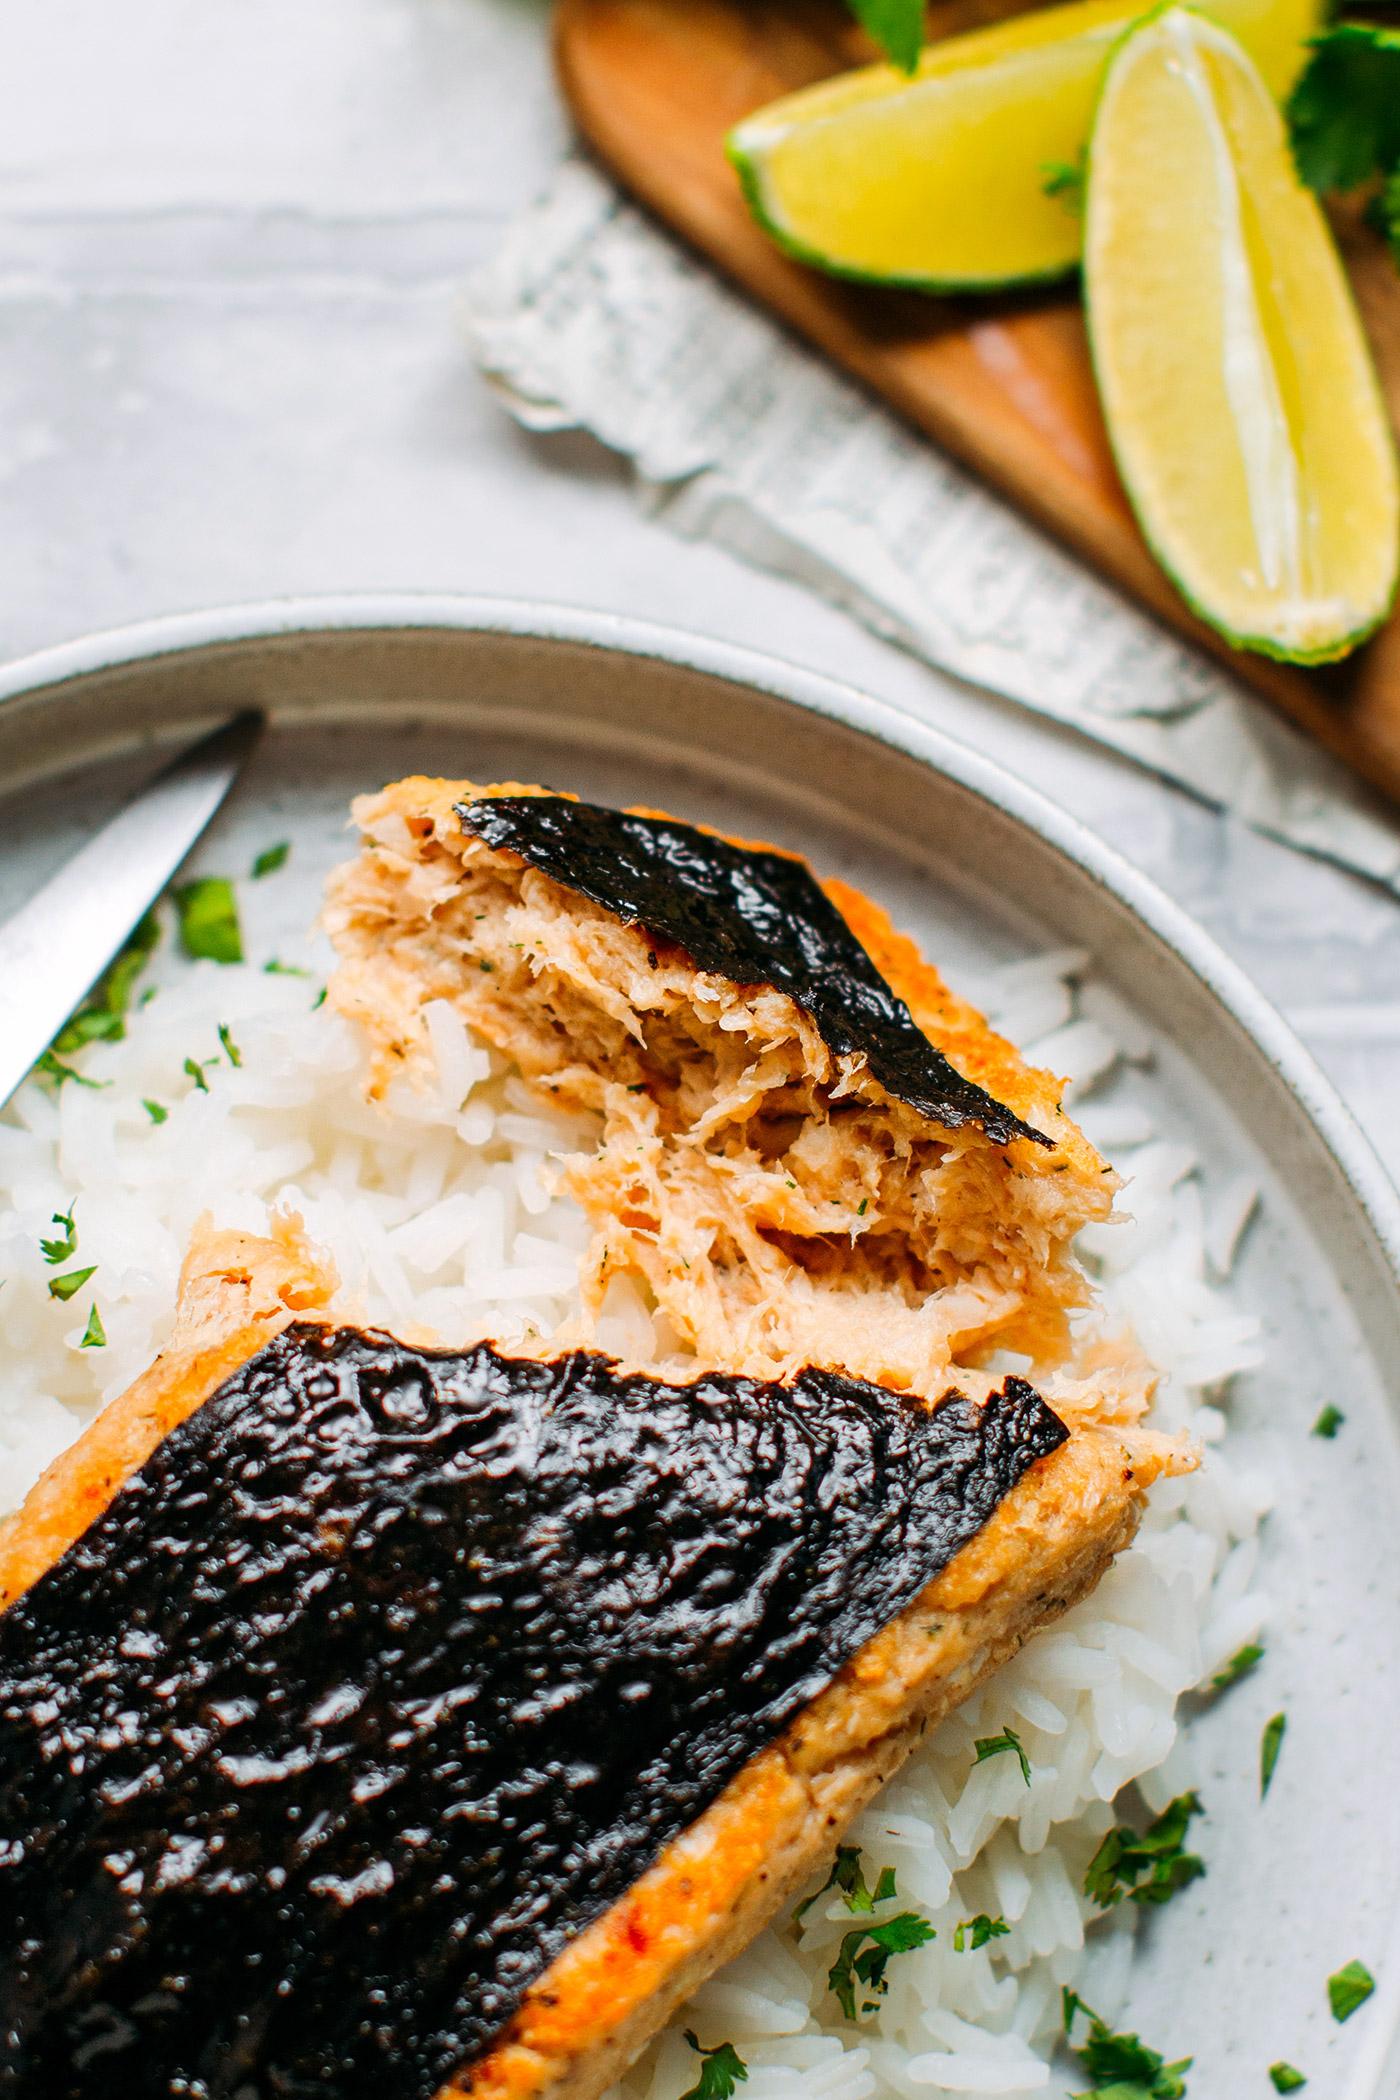 Close up of vegan fish fillet with nori.